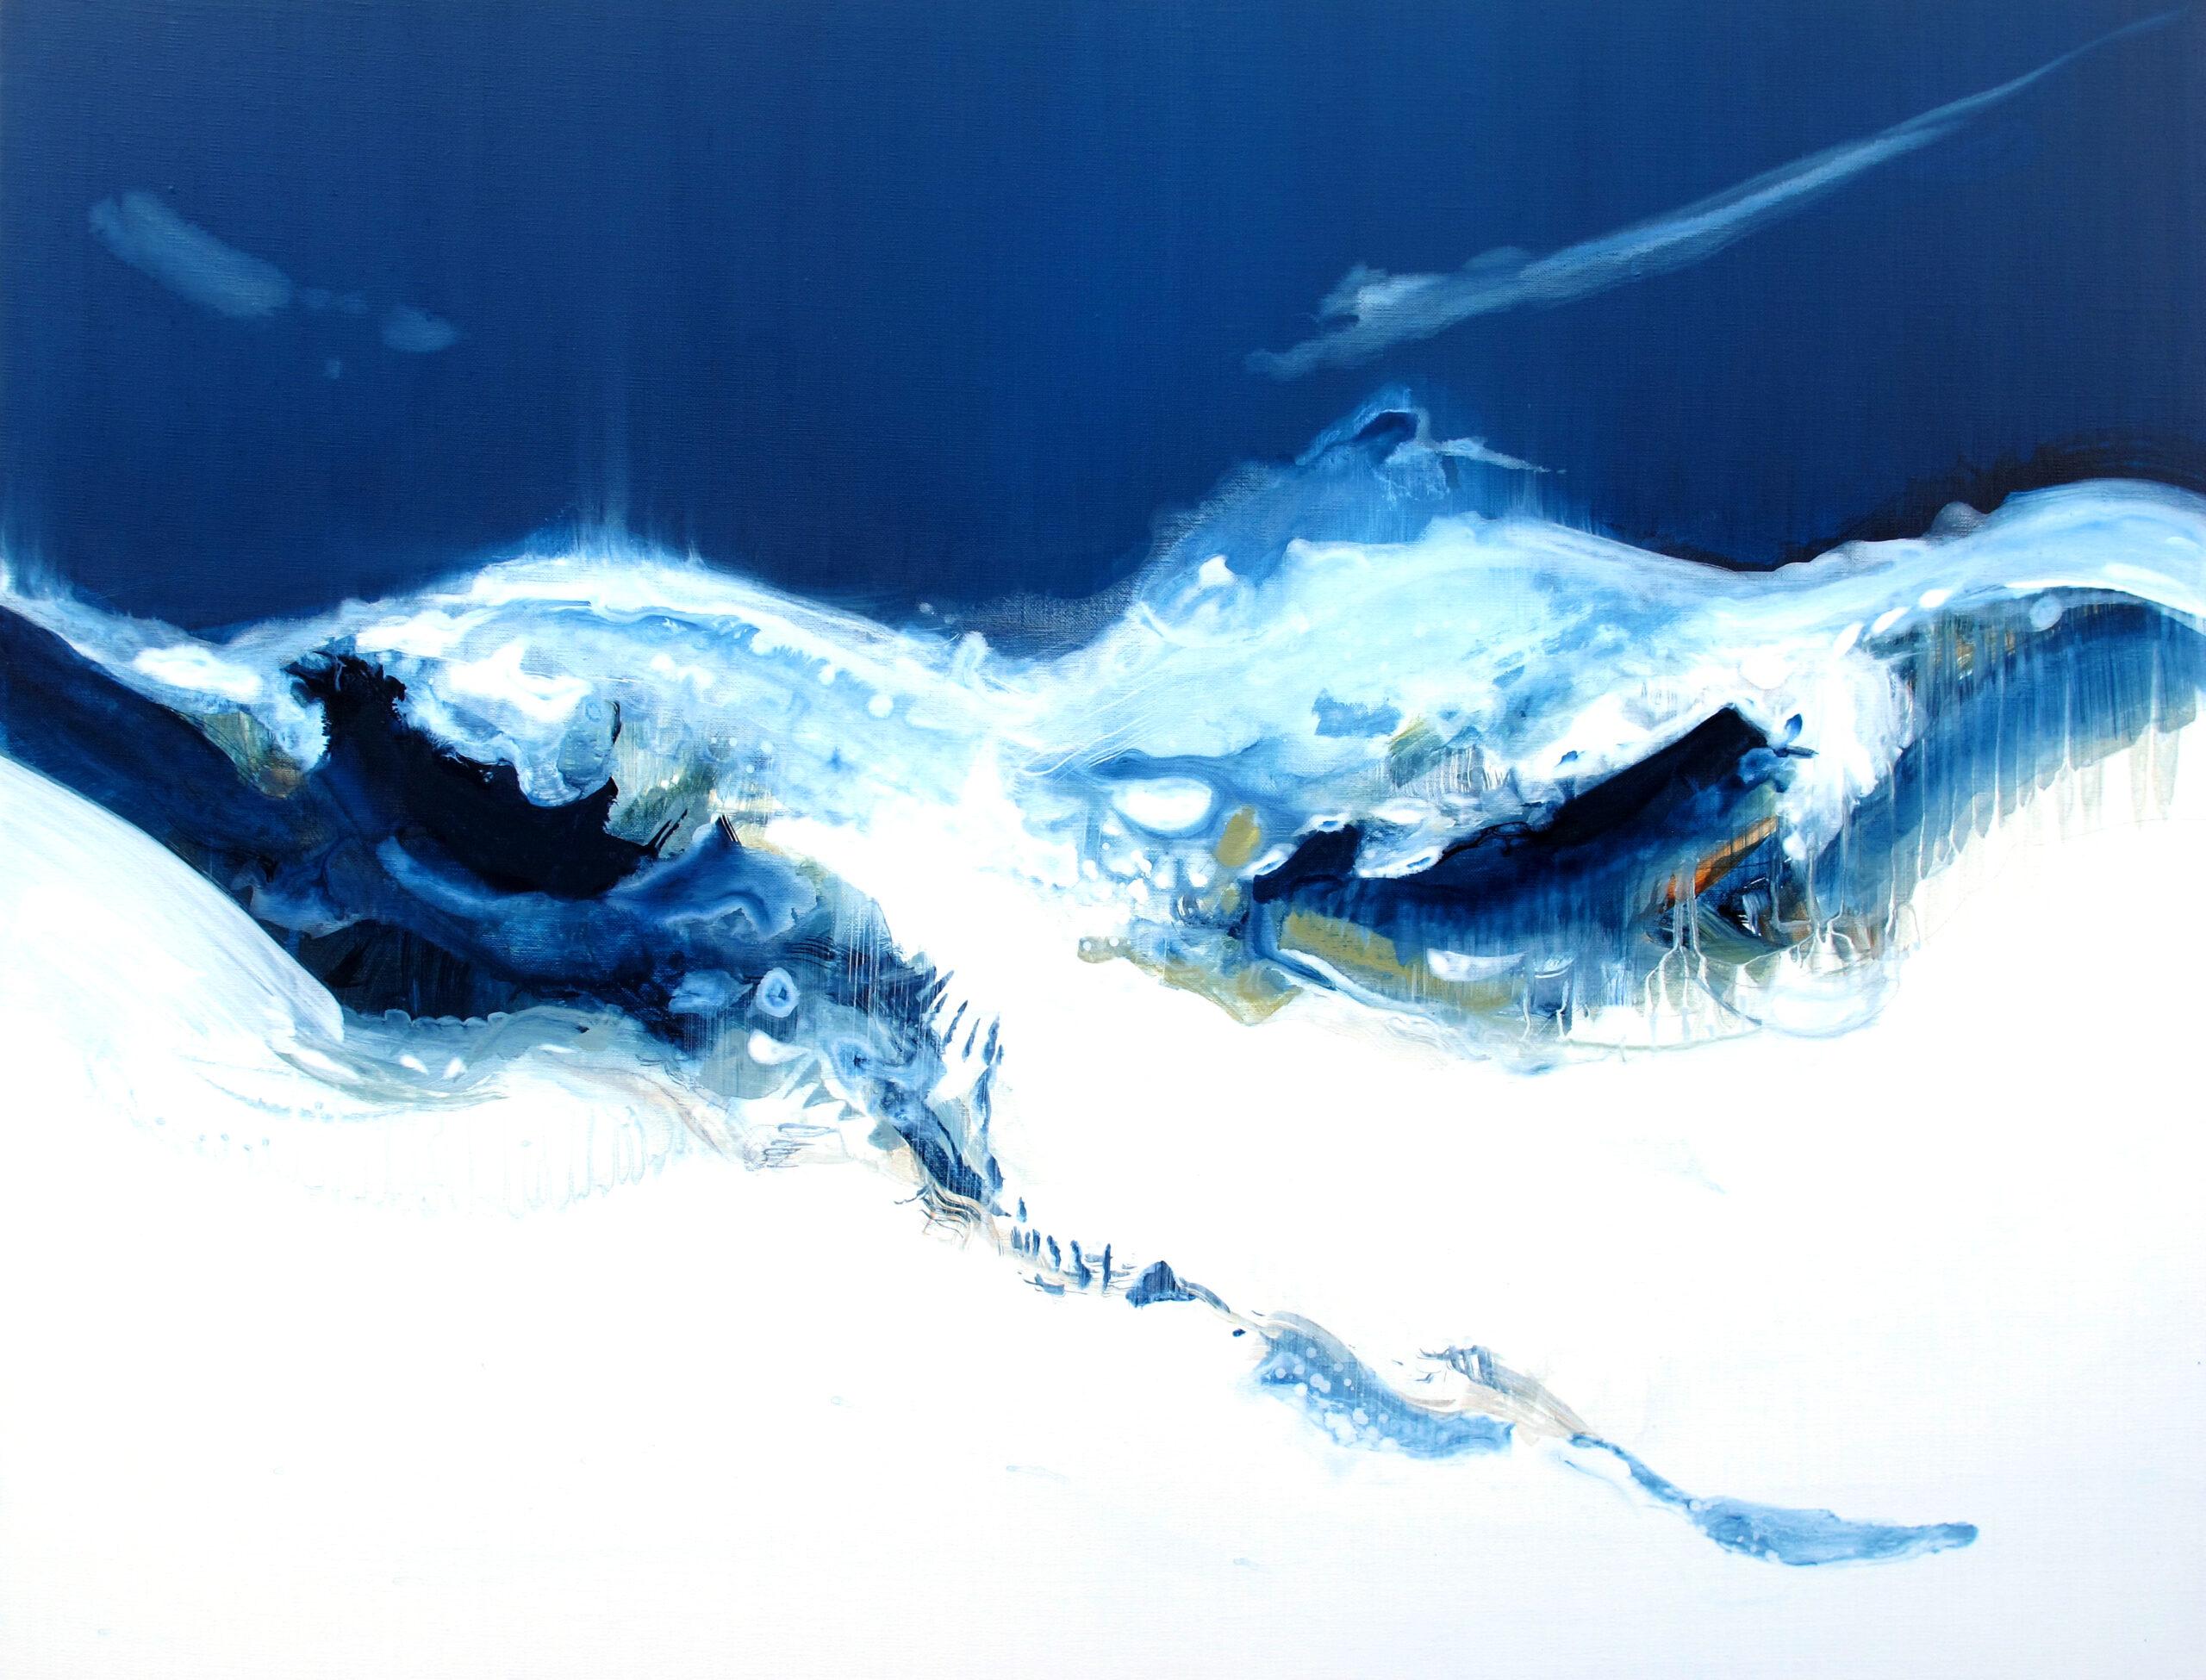 Entre Air et sur Terre n° A200621 - Acrylique sur toile -73x92 cm